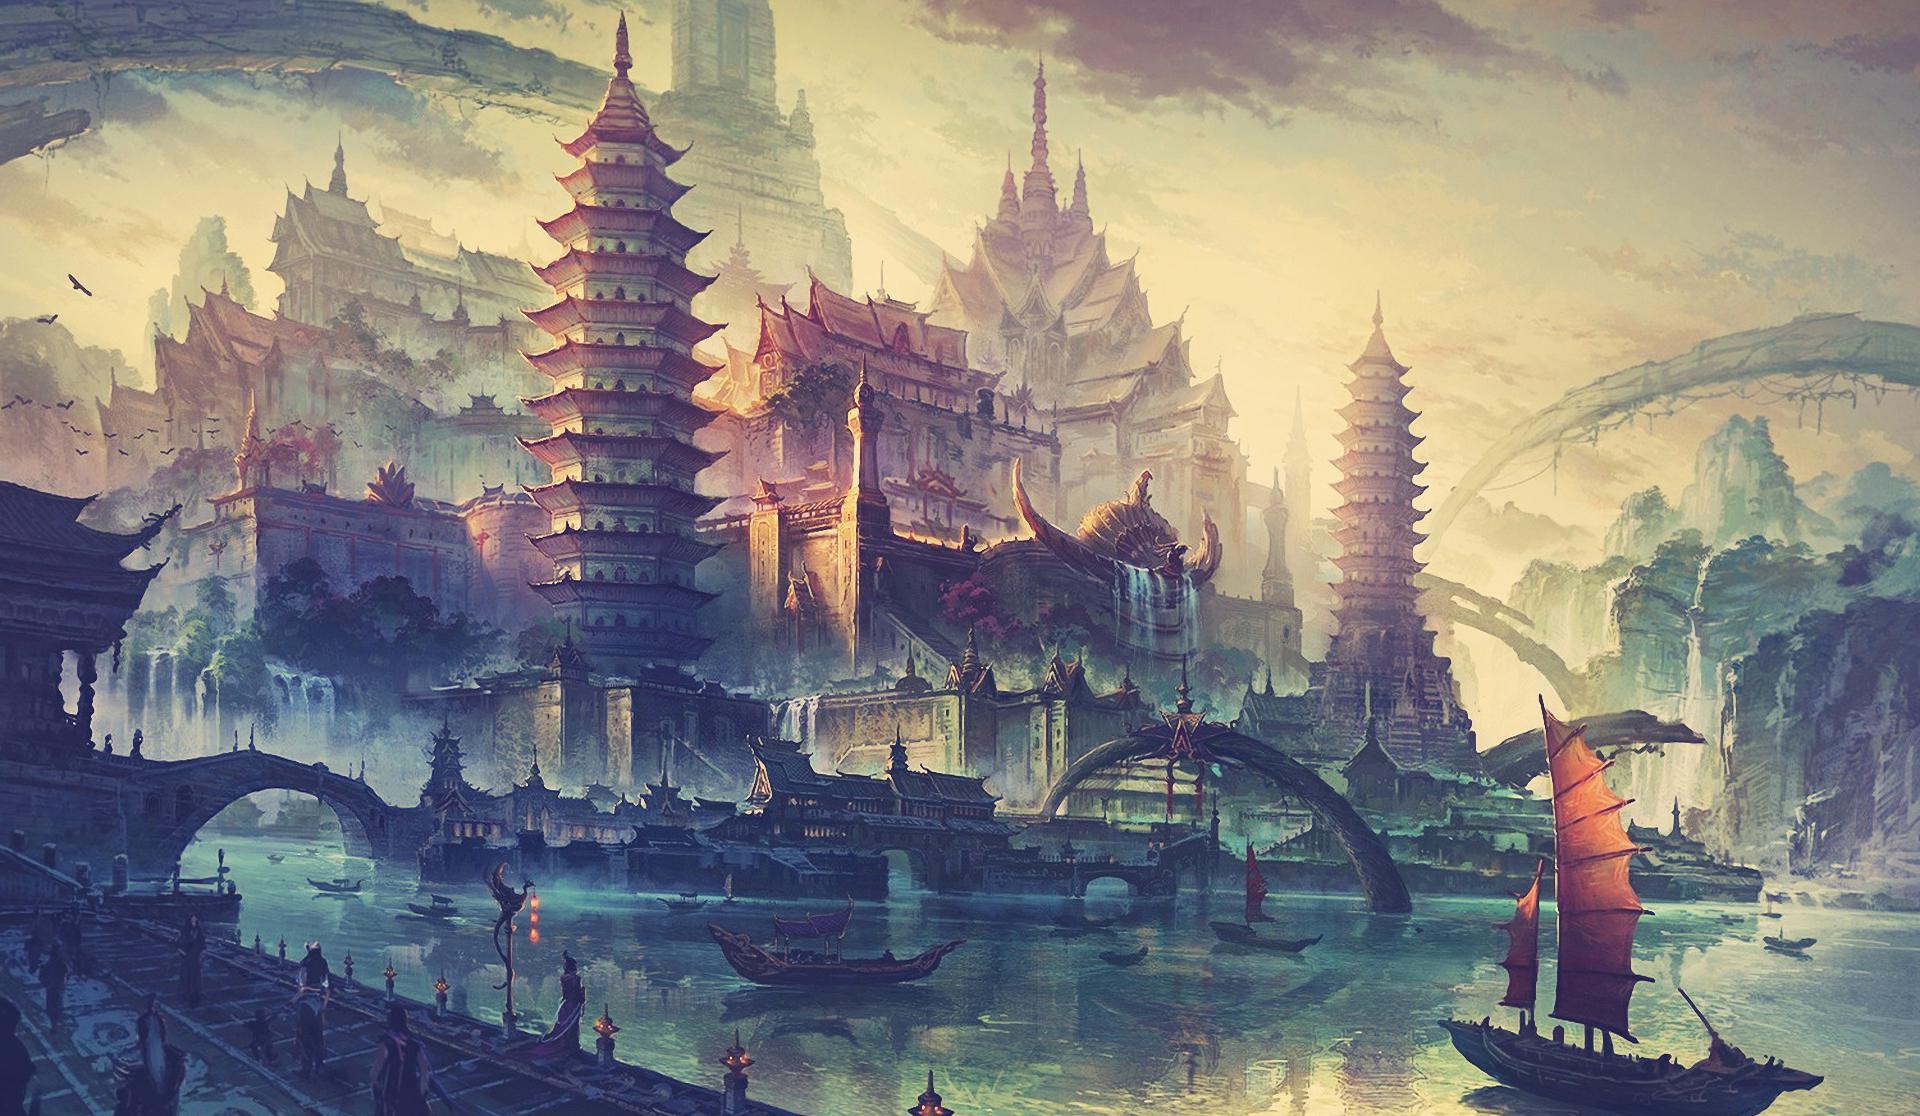 Japanese Landscape Painting Wallpaper Wallpaper : temple, la...